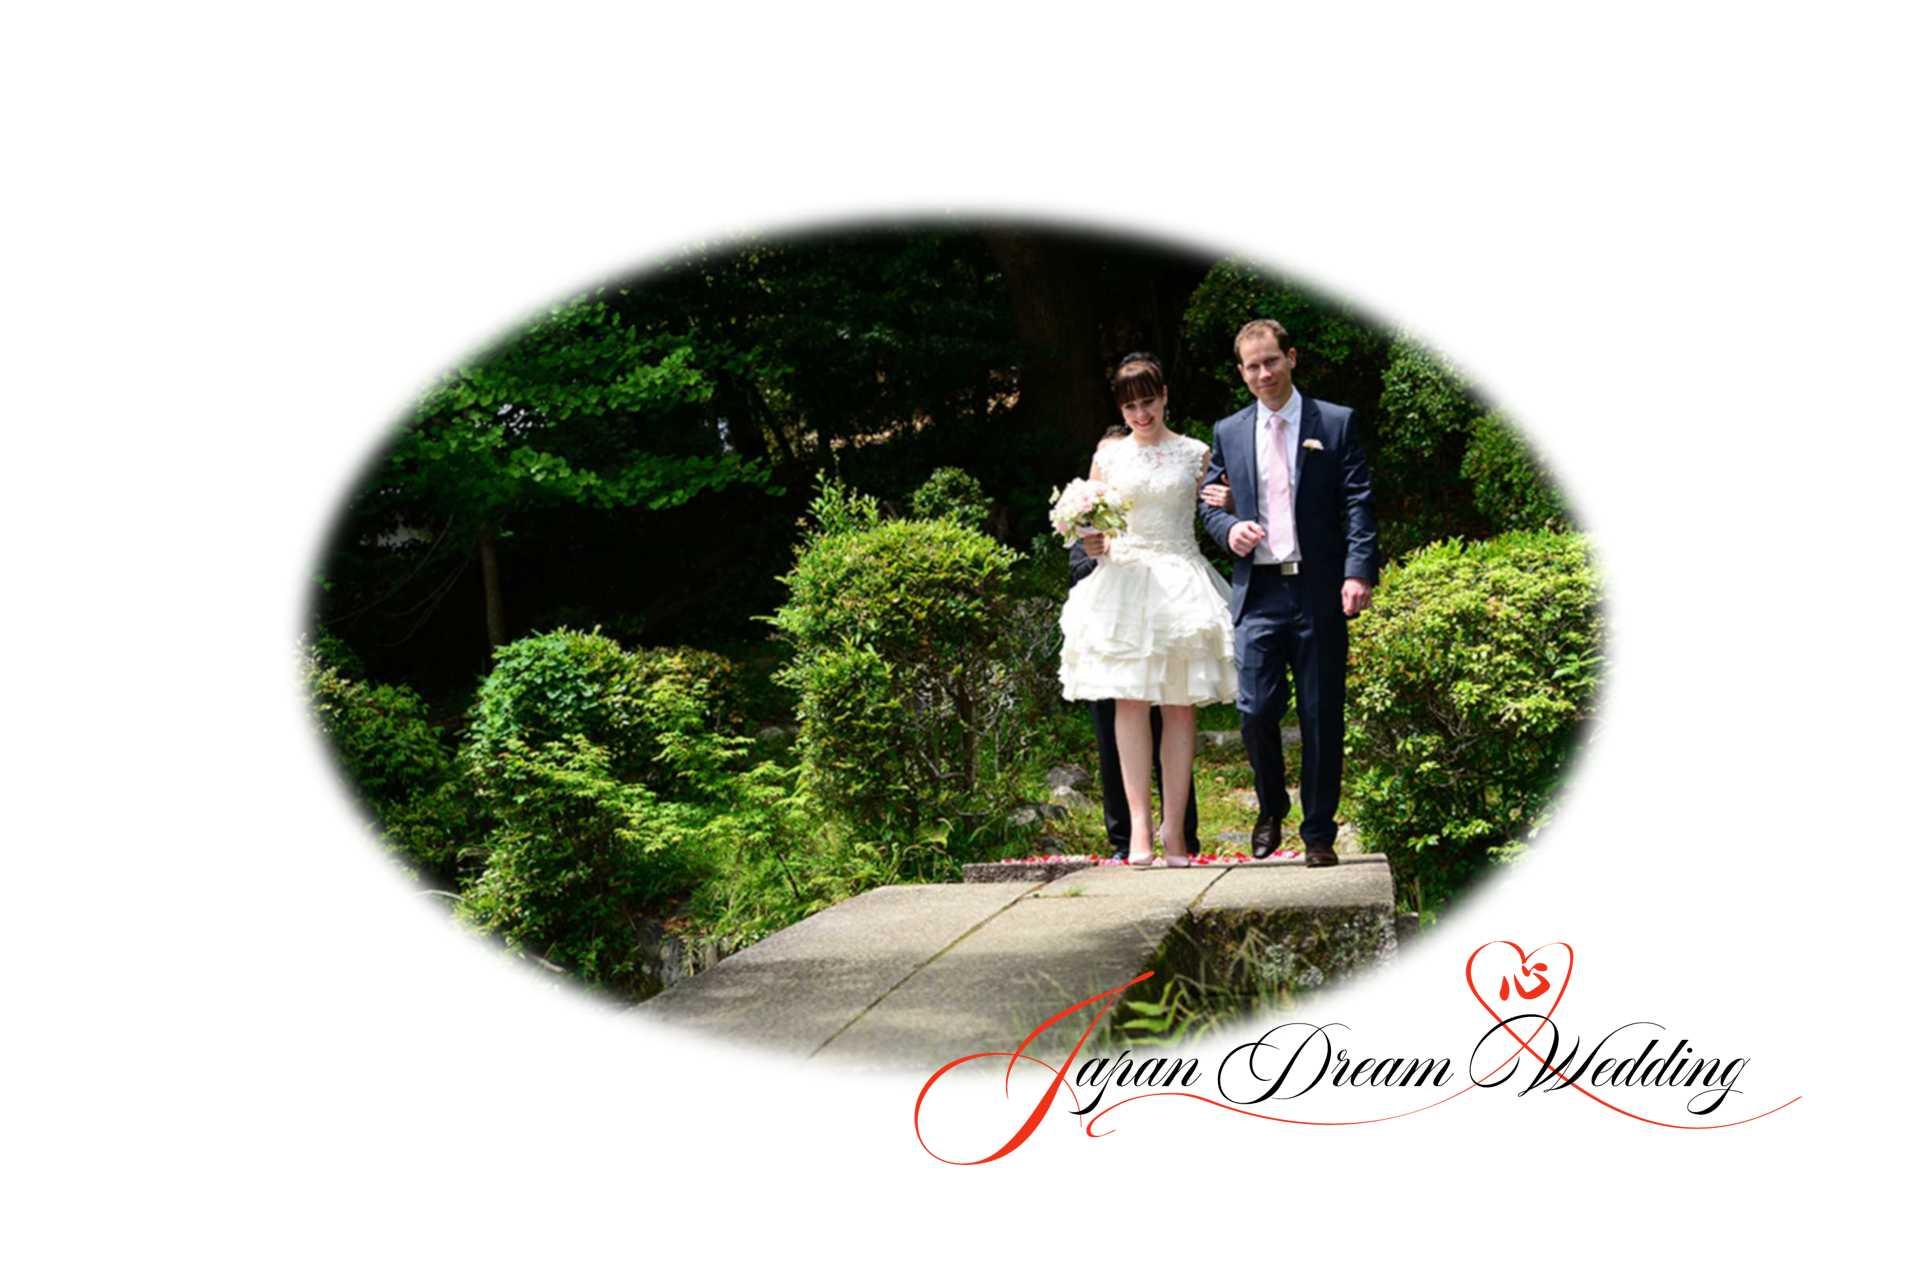 Japan Dream Wedding Garden Venue